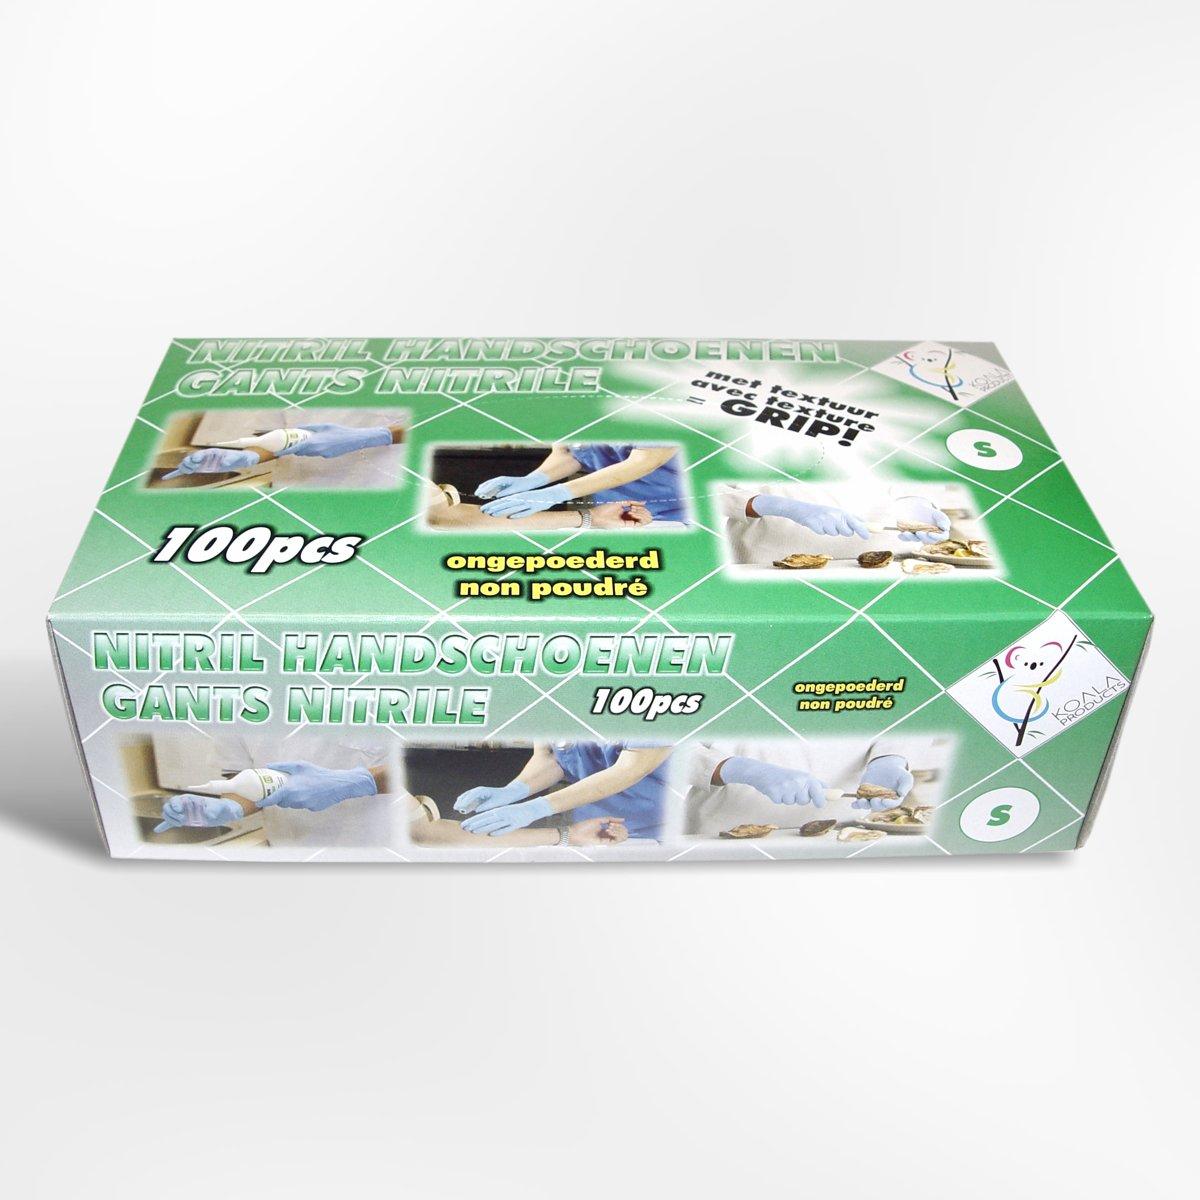 Nitril handschoenen 10 x 100 stuks blauw poedervrij - Latexvrij - Small - Aanvaardbaar kwaliteitsniveau 1.5 tegen biologische besmetting - Nitrile kopen